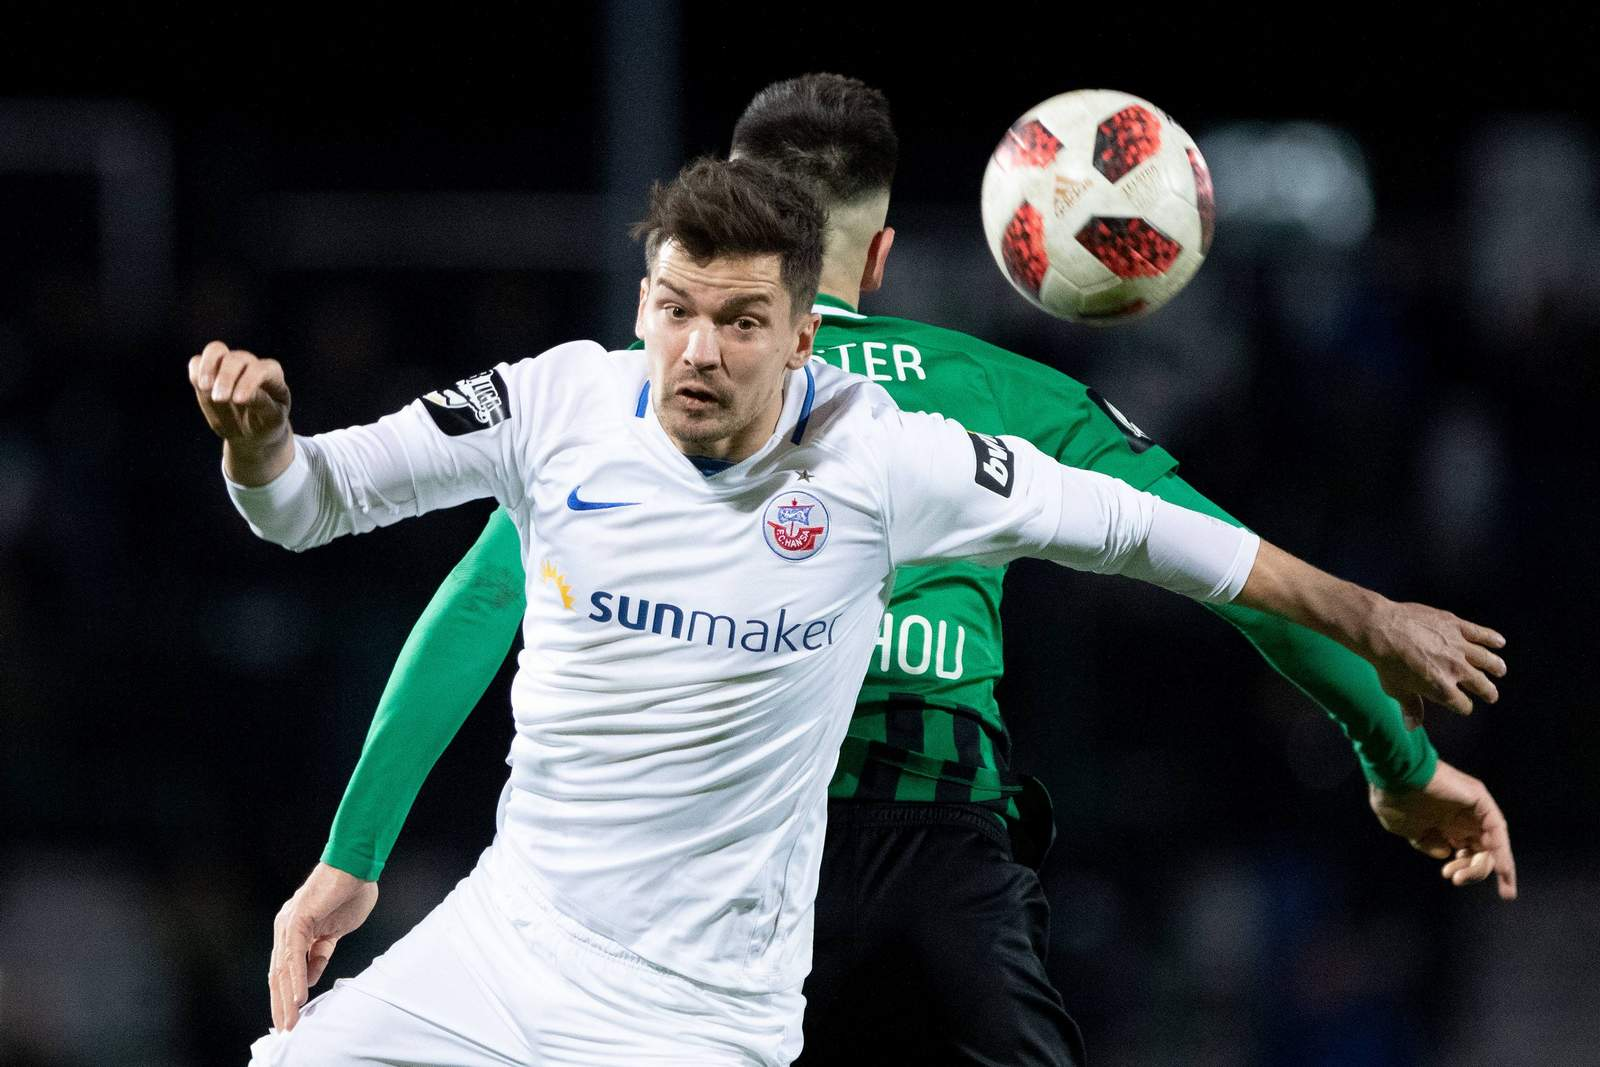 Julian Riedel im Spiel gegen Münster.